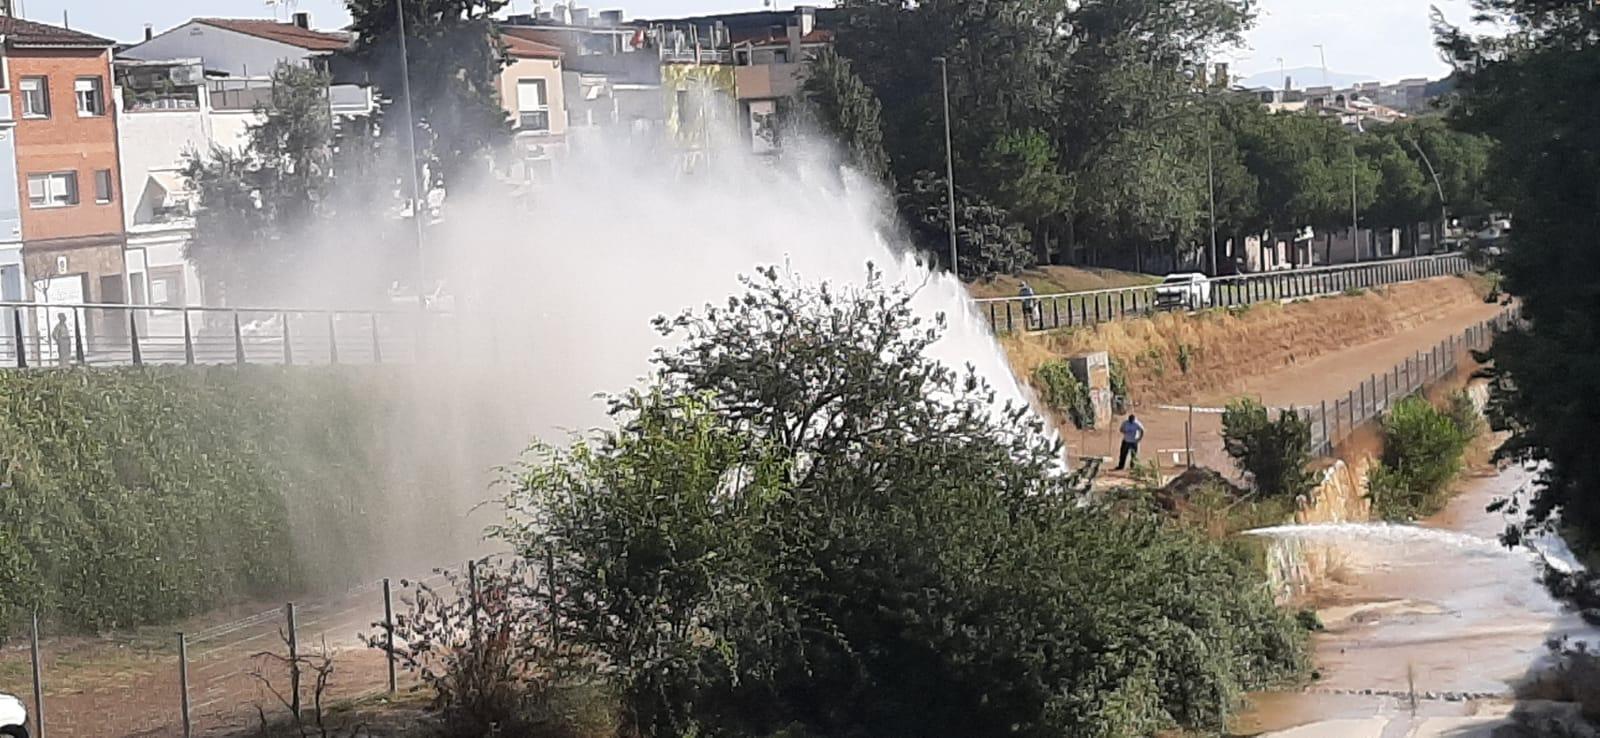 Gran fuita d'aigua a la riera del Palau de Terrassa   Cedida